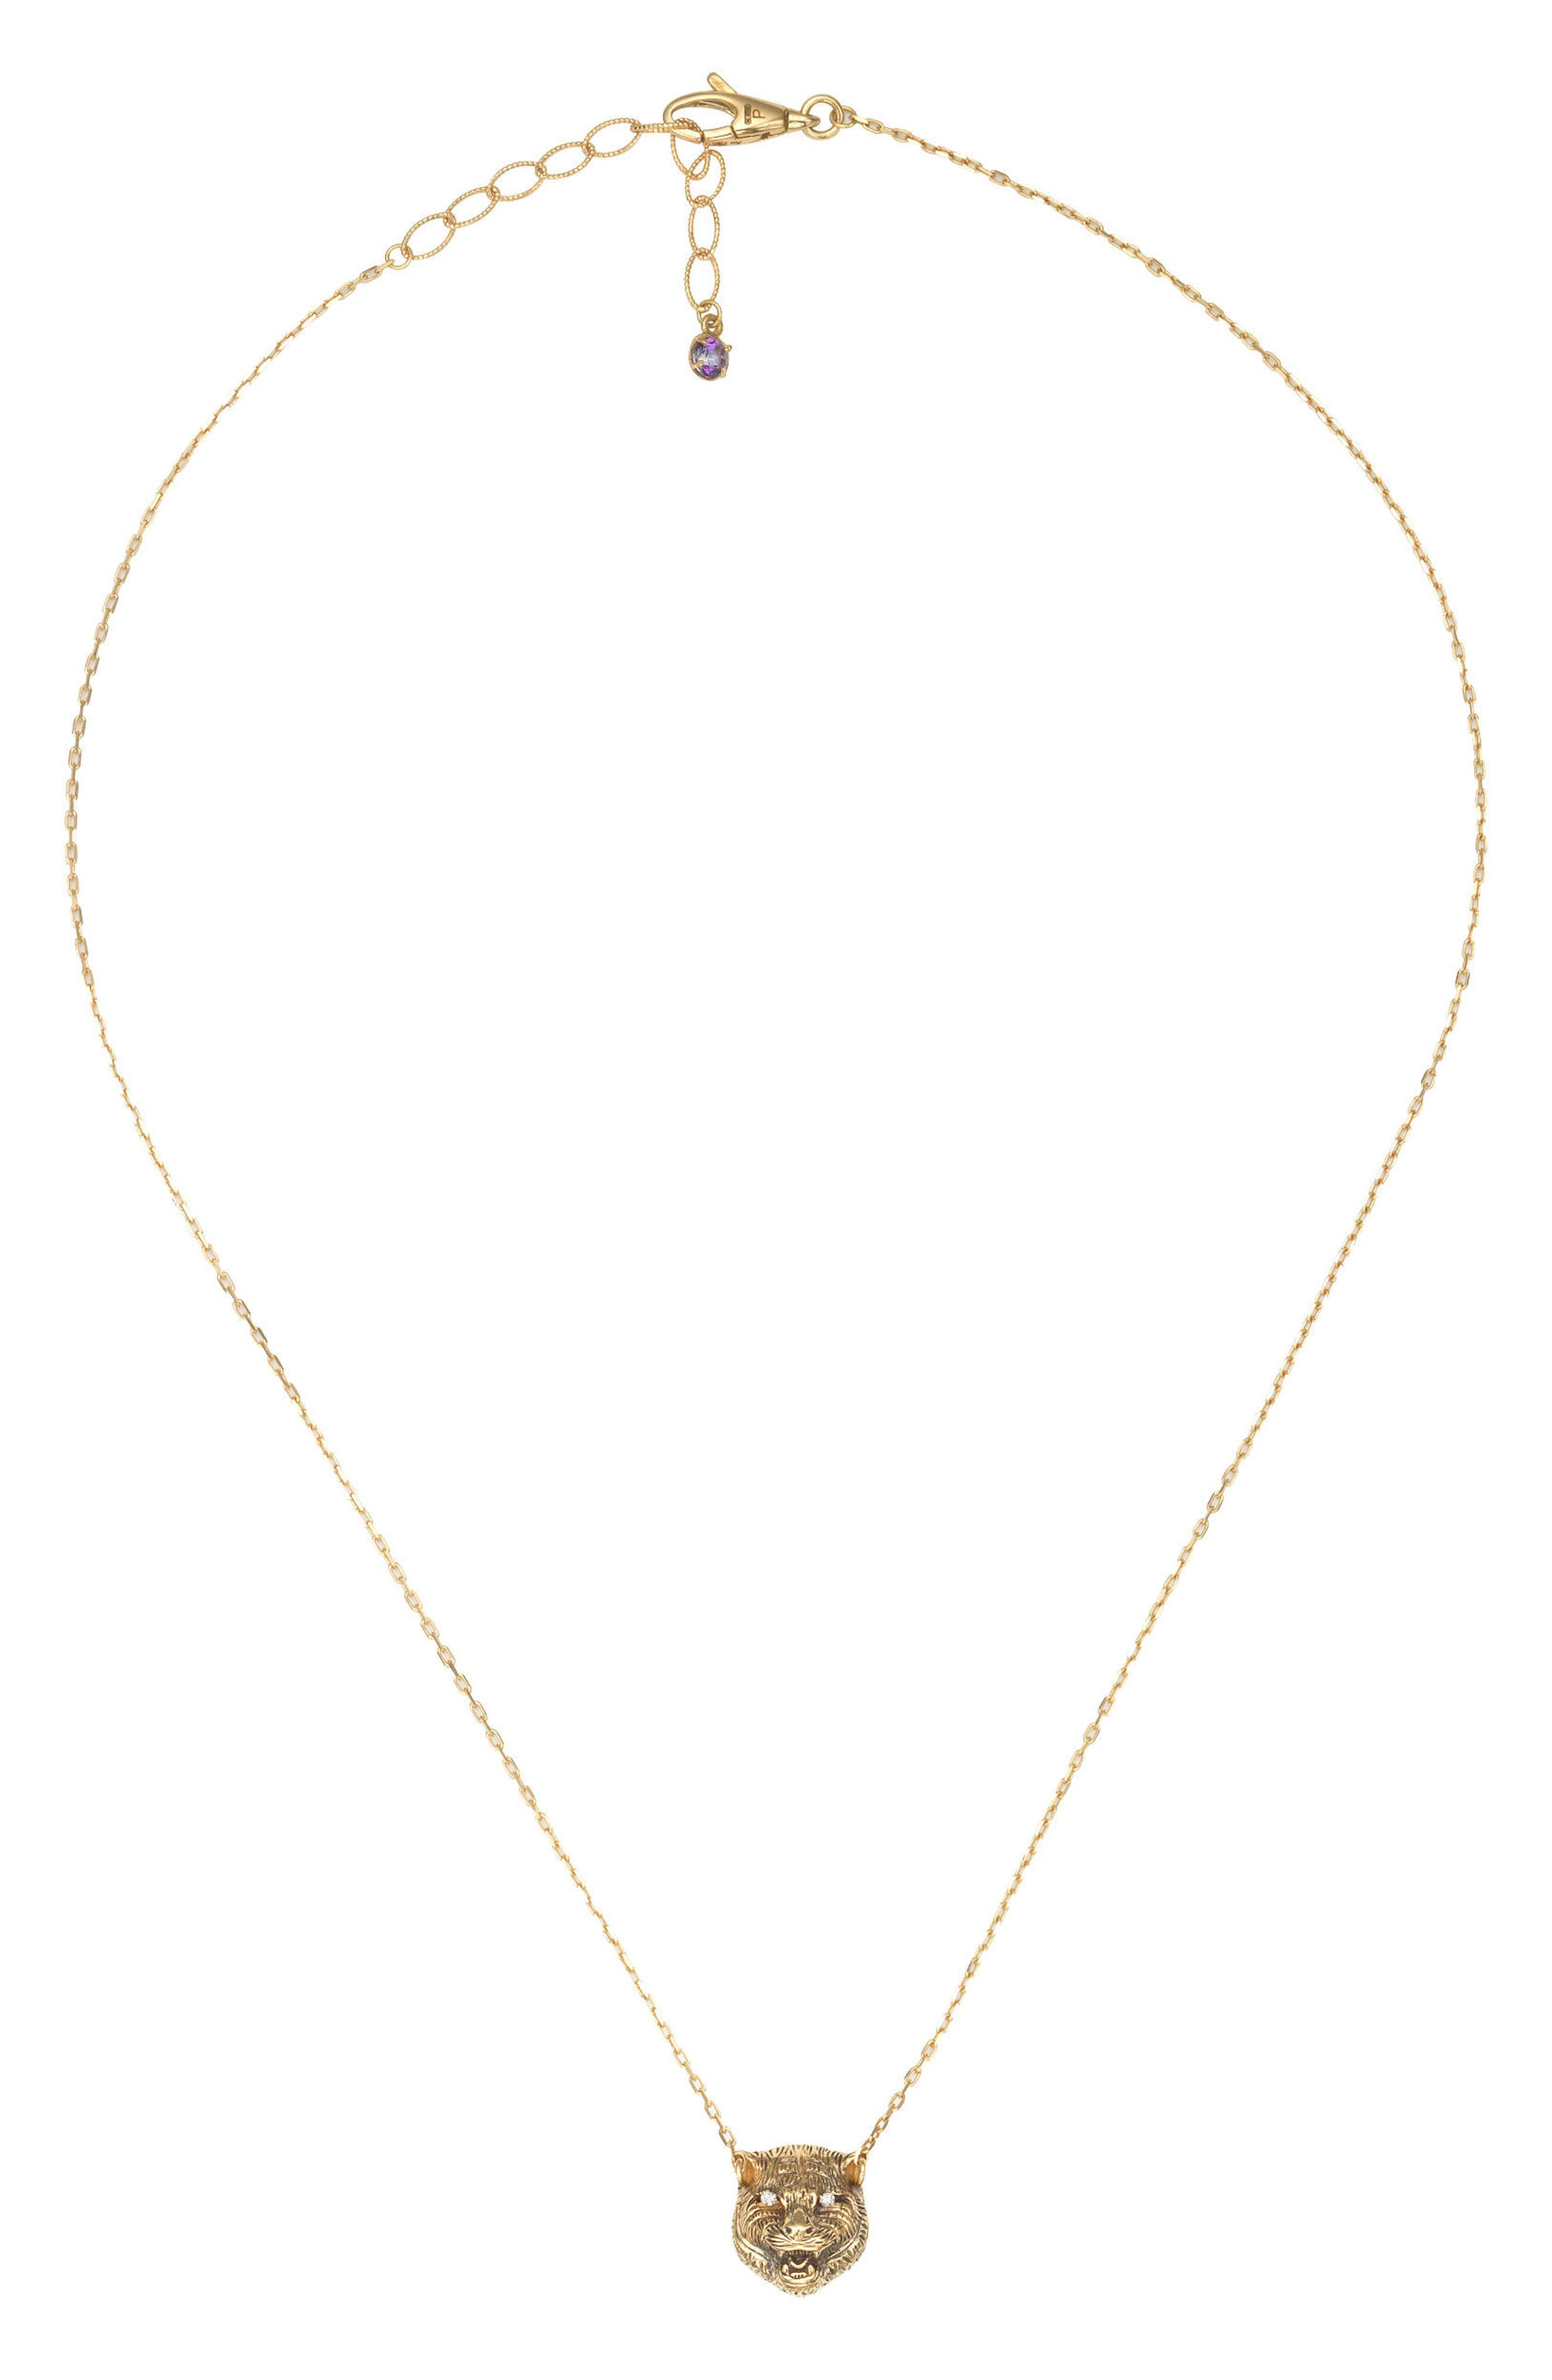 Le Marche Feline Head Pendant Necklace,                         Main,                         color, YELLOW GOLD/ PURPLE